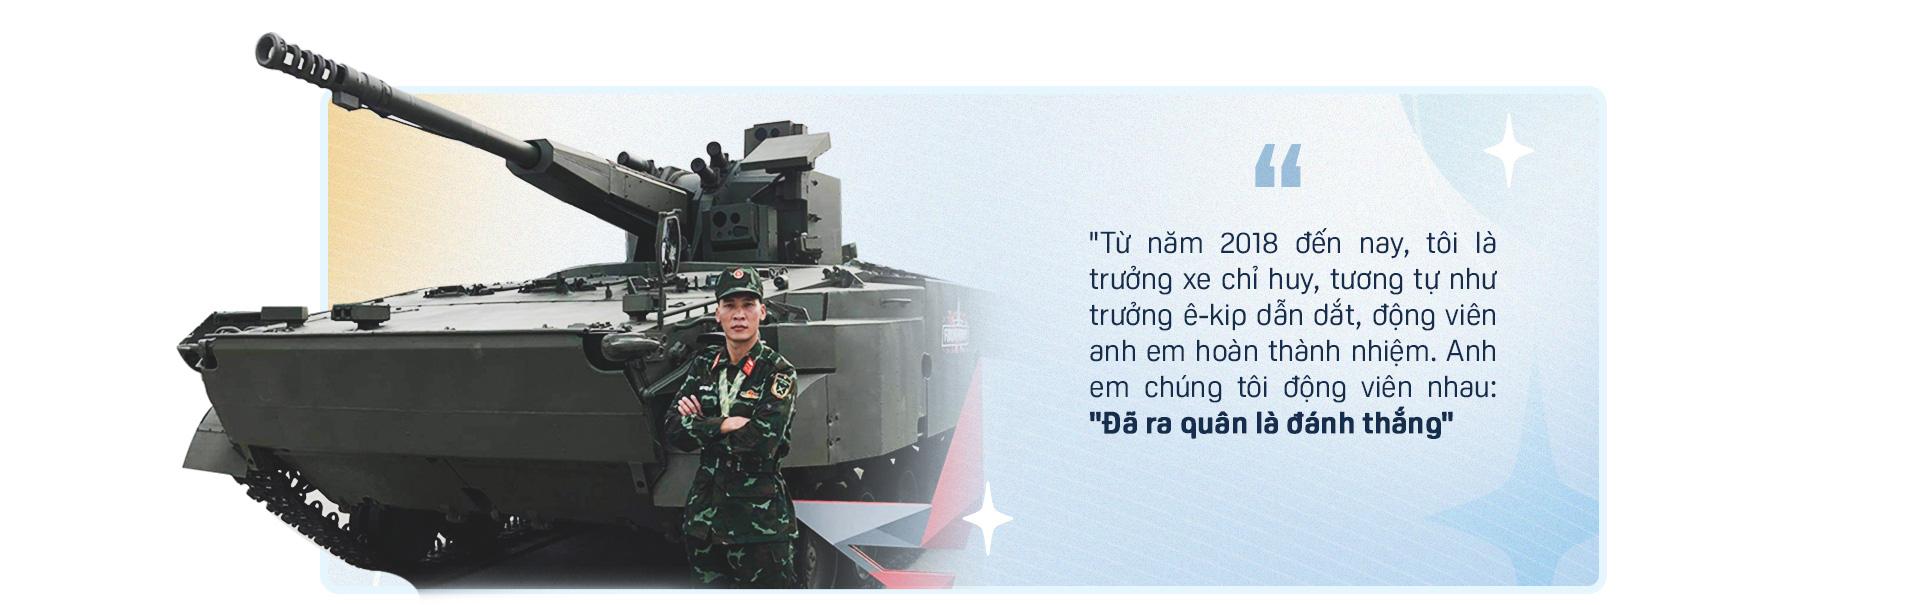 Tự hào xướng tên Việt Nam trên đấu trường quốc tế - Ảnh 8.